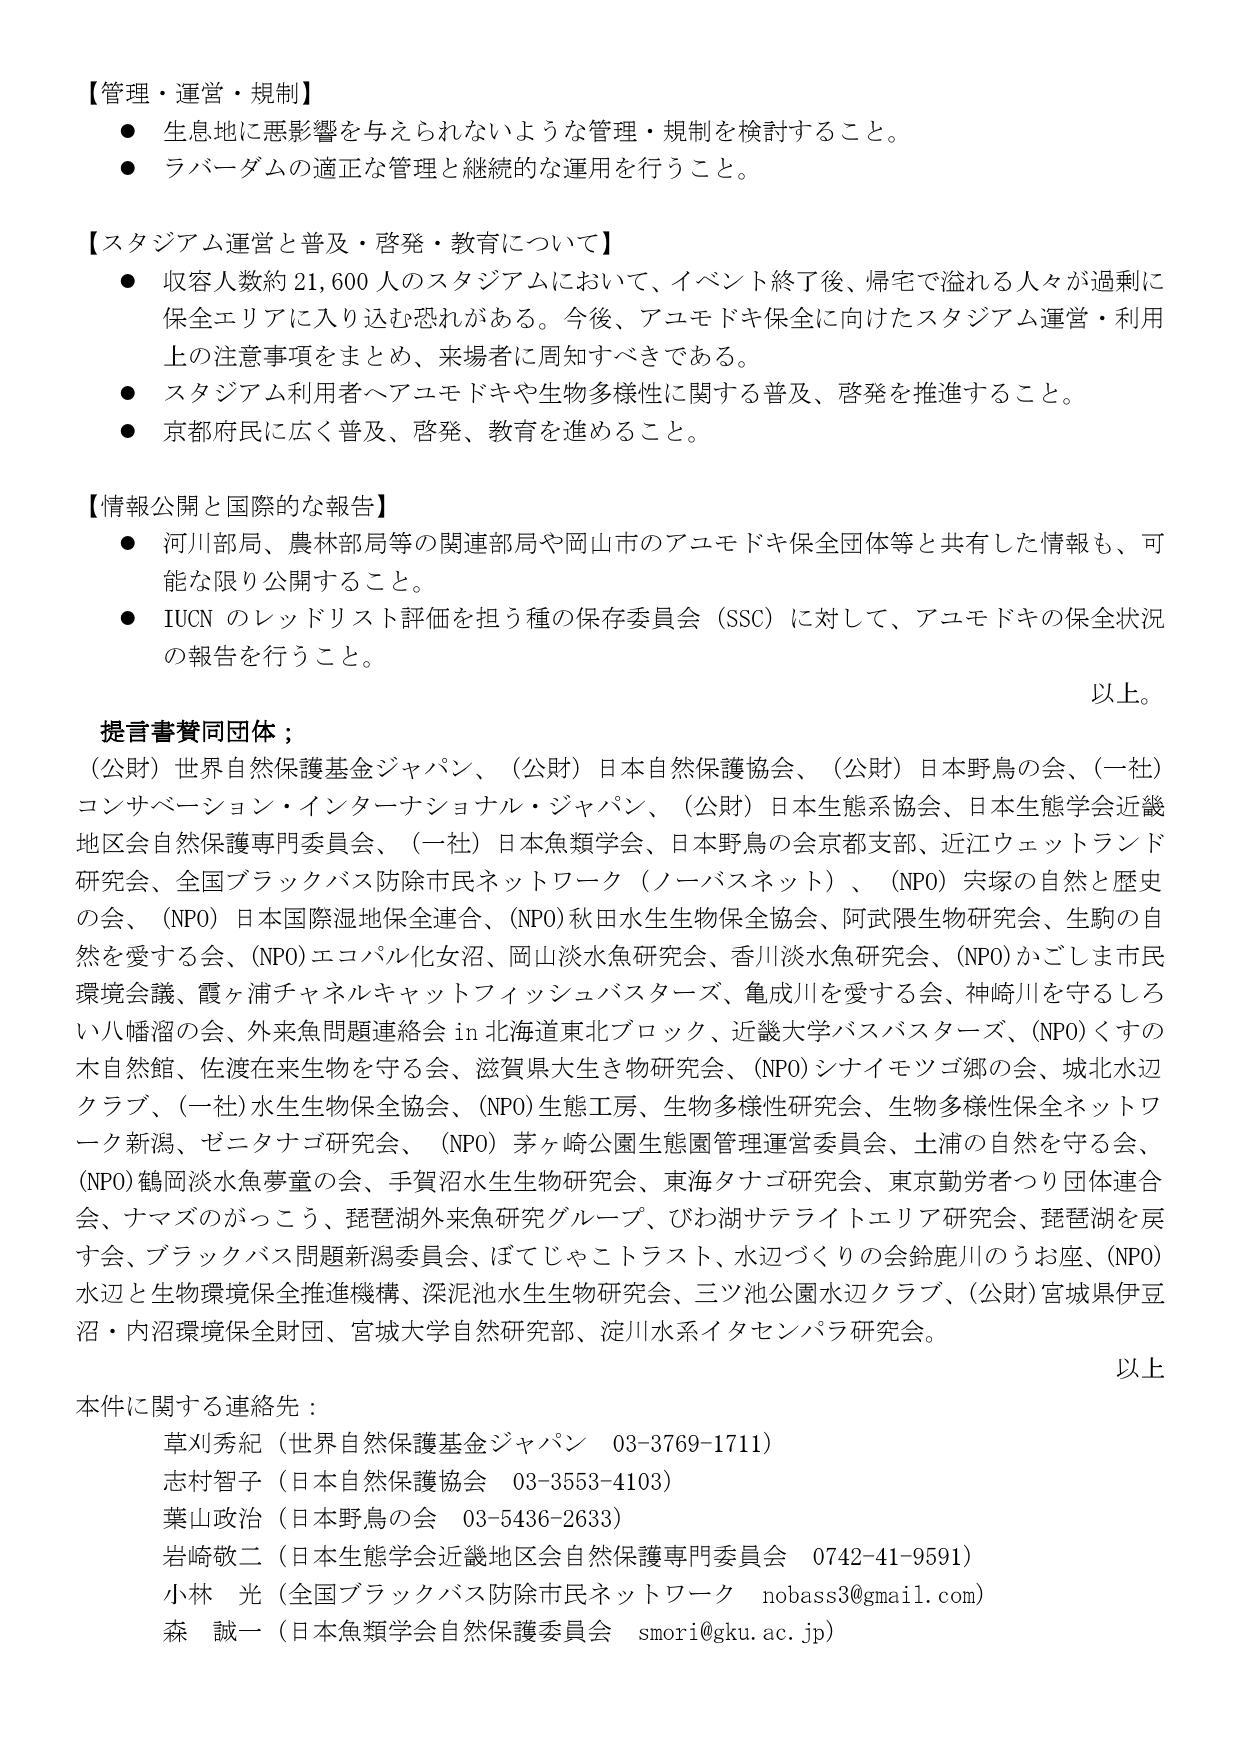 アユモドキの保全に向けた提言書3